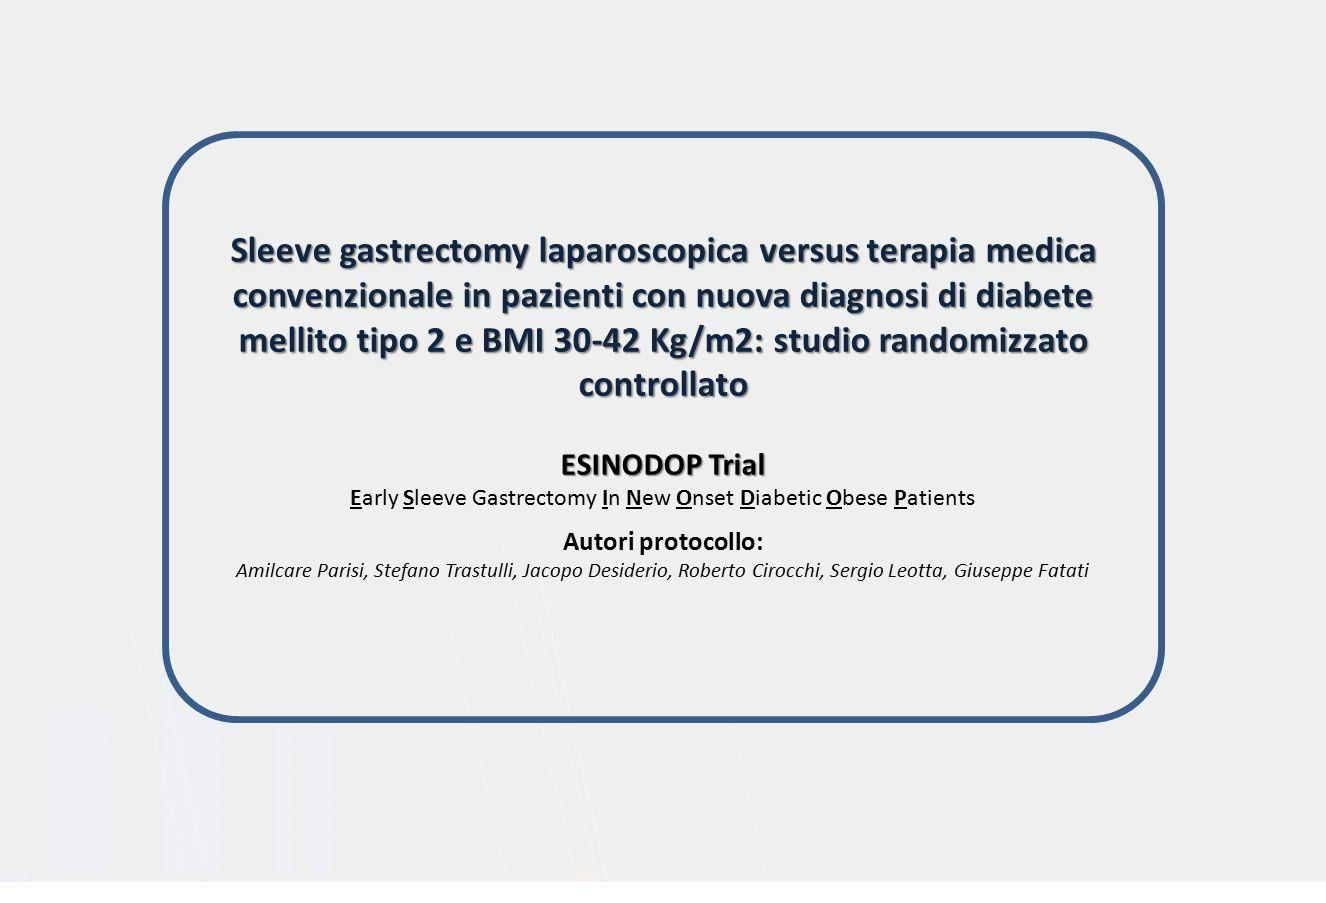 BACKGROUND Obesità e Diabete Mellito Tipo 2 (DMT2) sono notoriamente correlate e rappresentano due delle più comuni e debilitanti malattie croniche nei paesi occidentali.